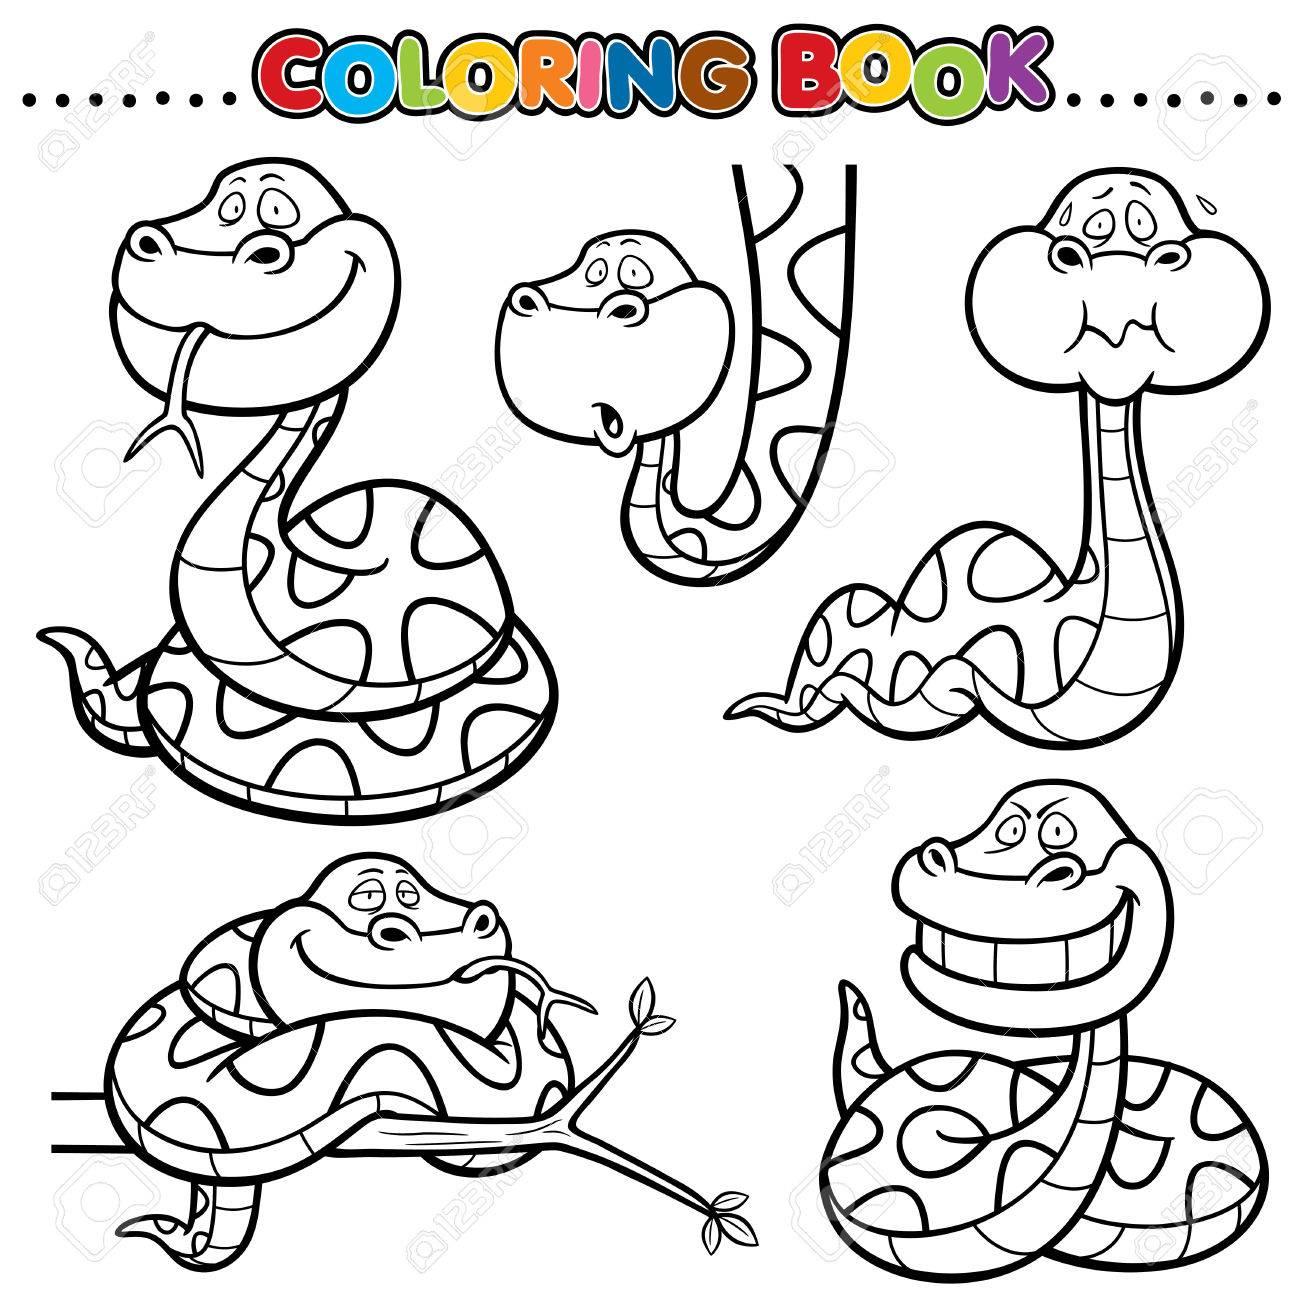 Excepcional Colorear Serpientes Motivo - Enmarcado Para Colorear ...